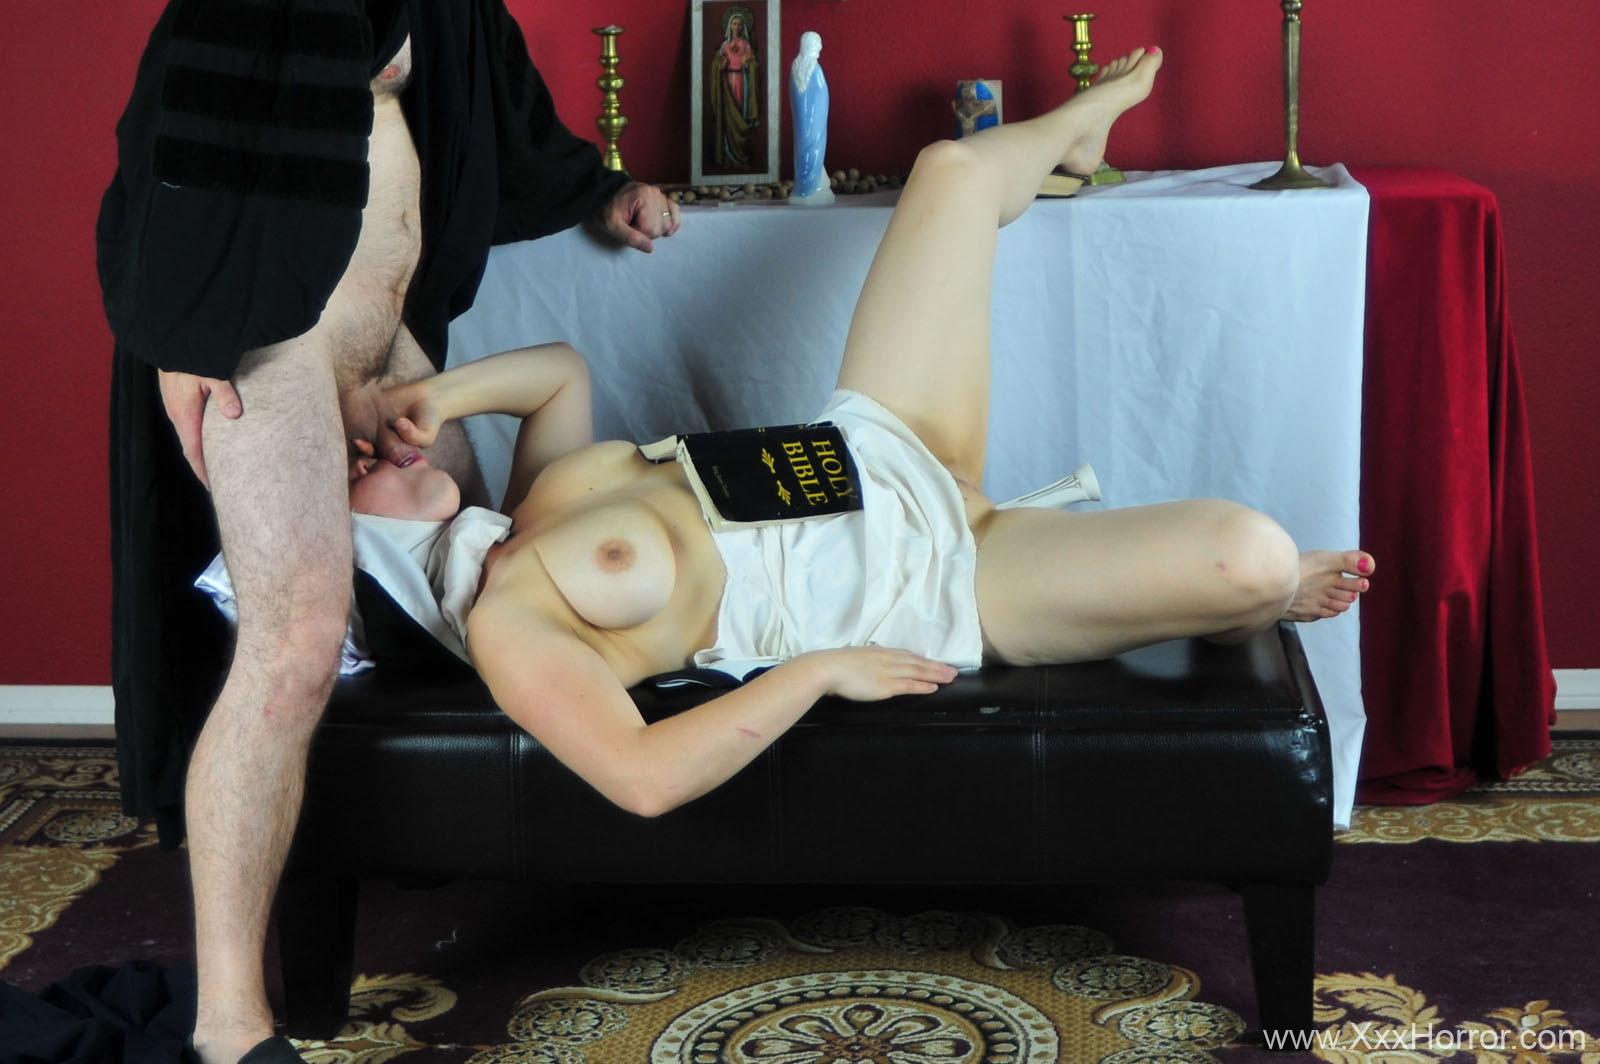 Смотреть проно с монашками, Монашки порно, смотреть секс с Монашкой 7 фотография